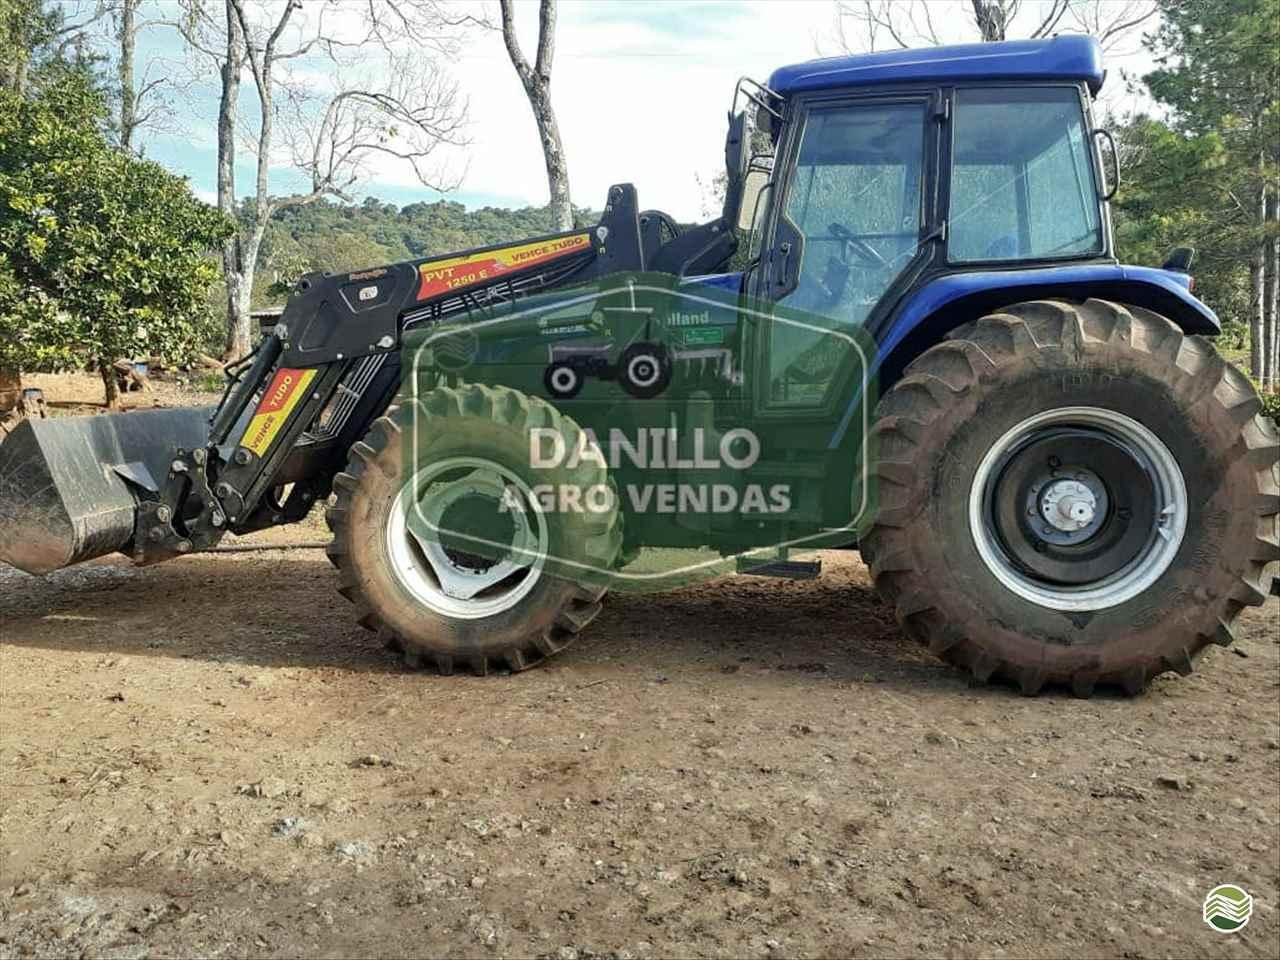 TRATOR NEW HOLLAND NEW TM 150 Tração 4x4 Danillo Agro Vendas UMUARAMA PARANÁ PR